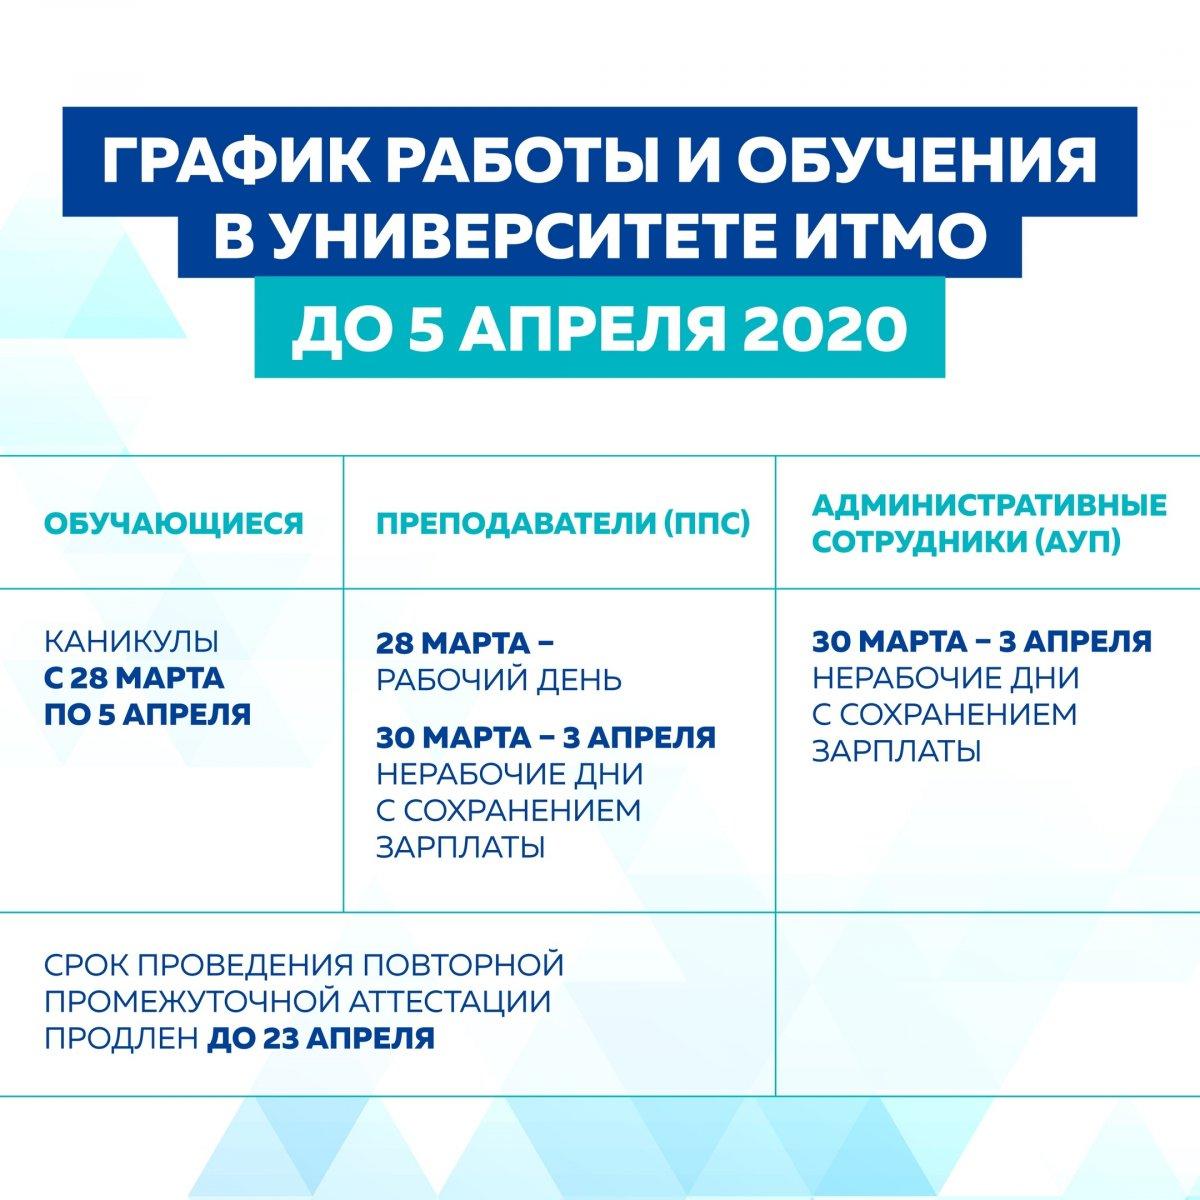 ⚡Все о работе Университета ИТМО с 28 марта по 5 апреля⚡